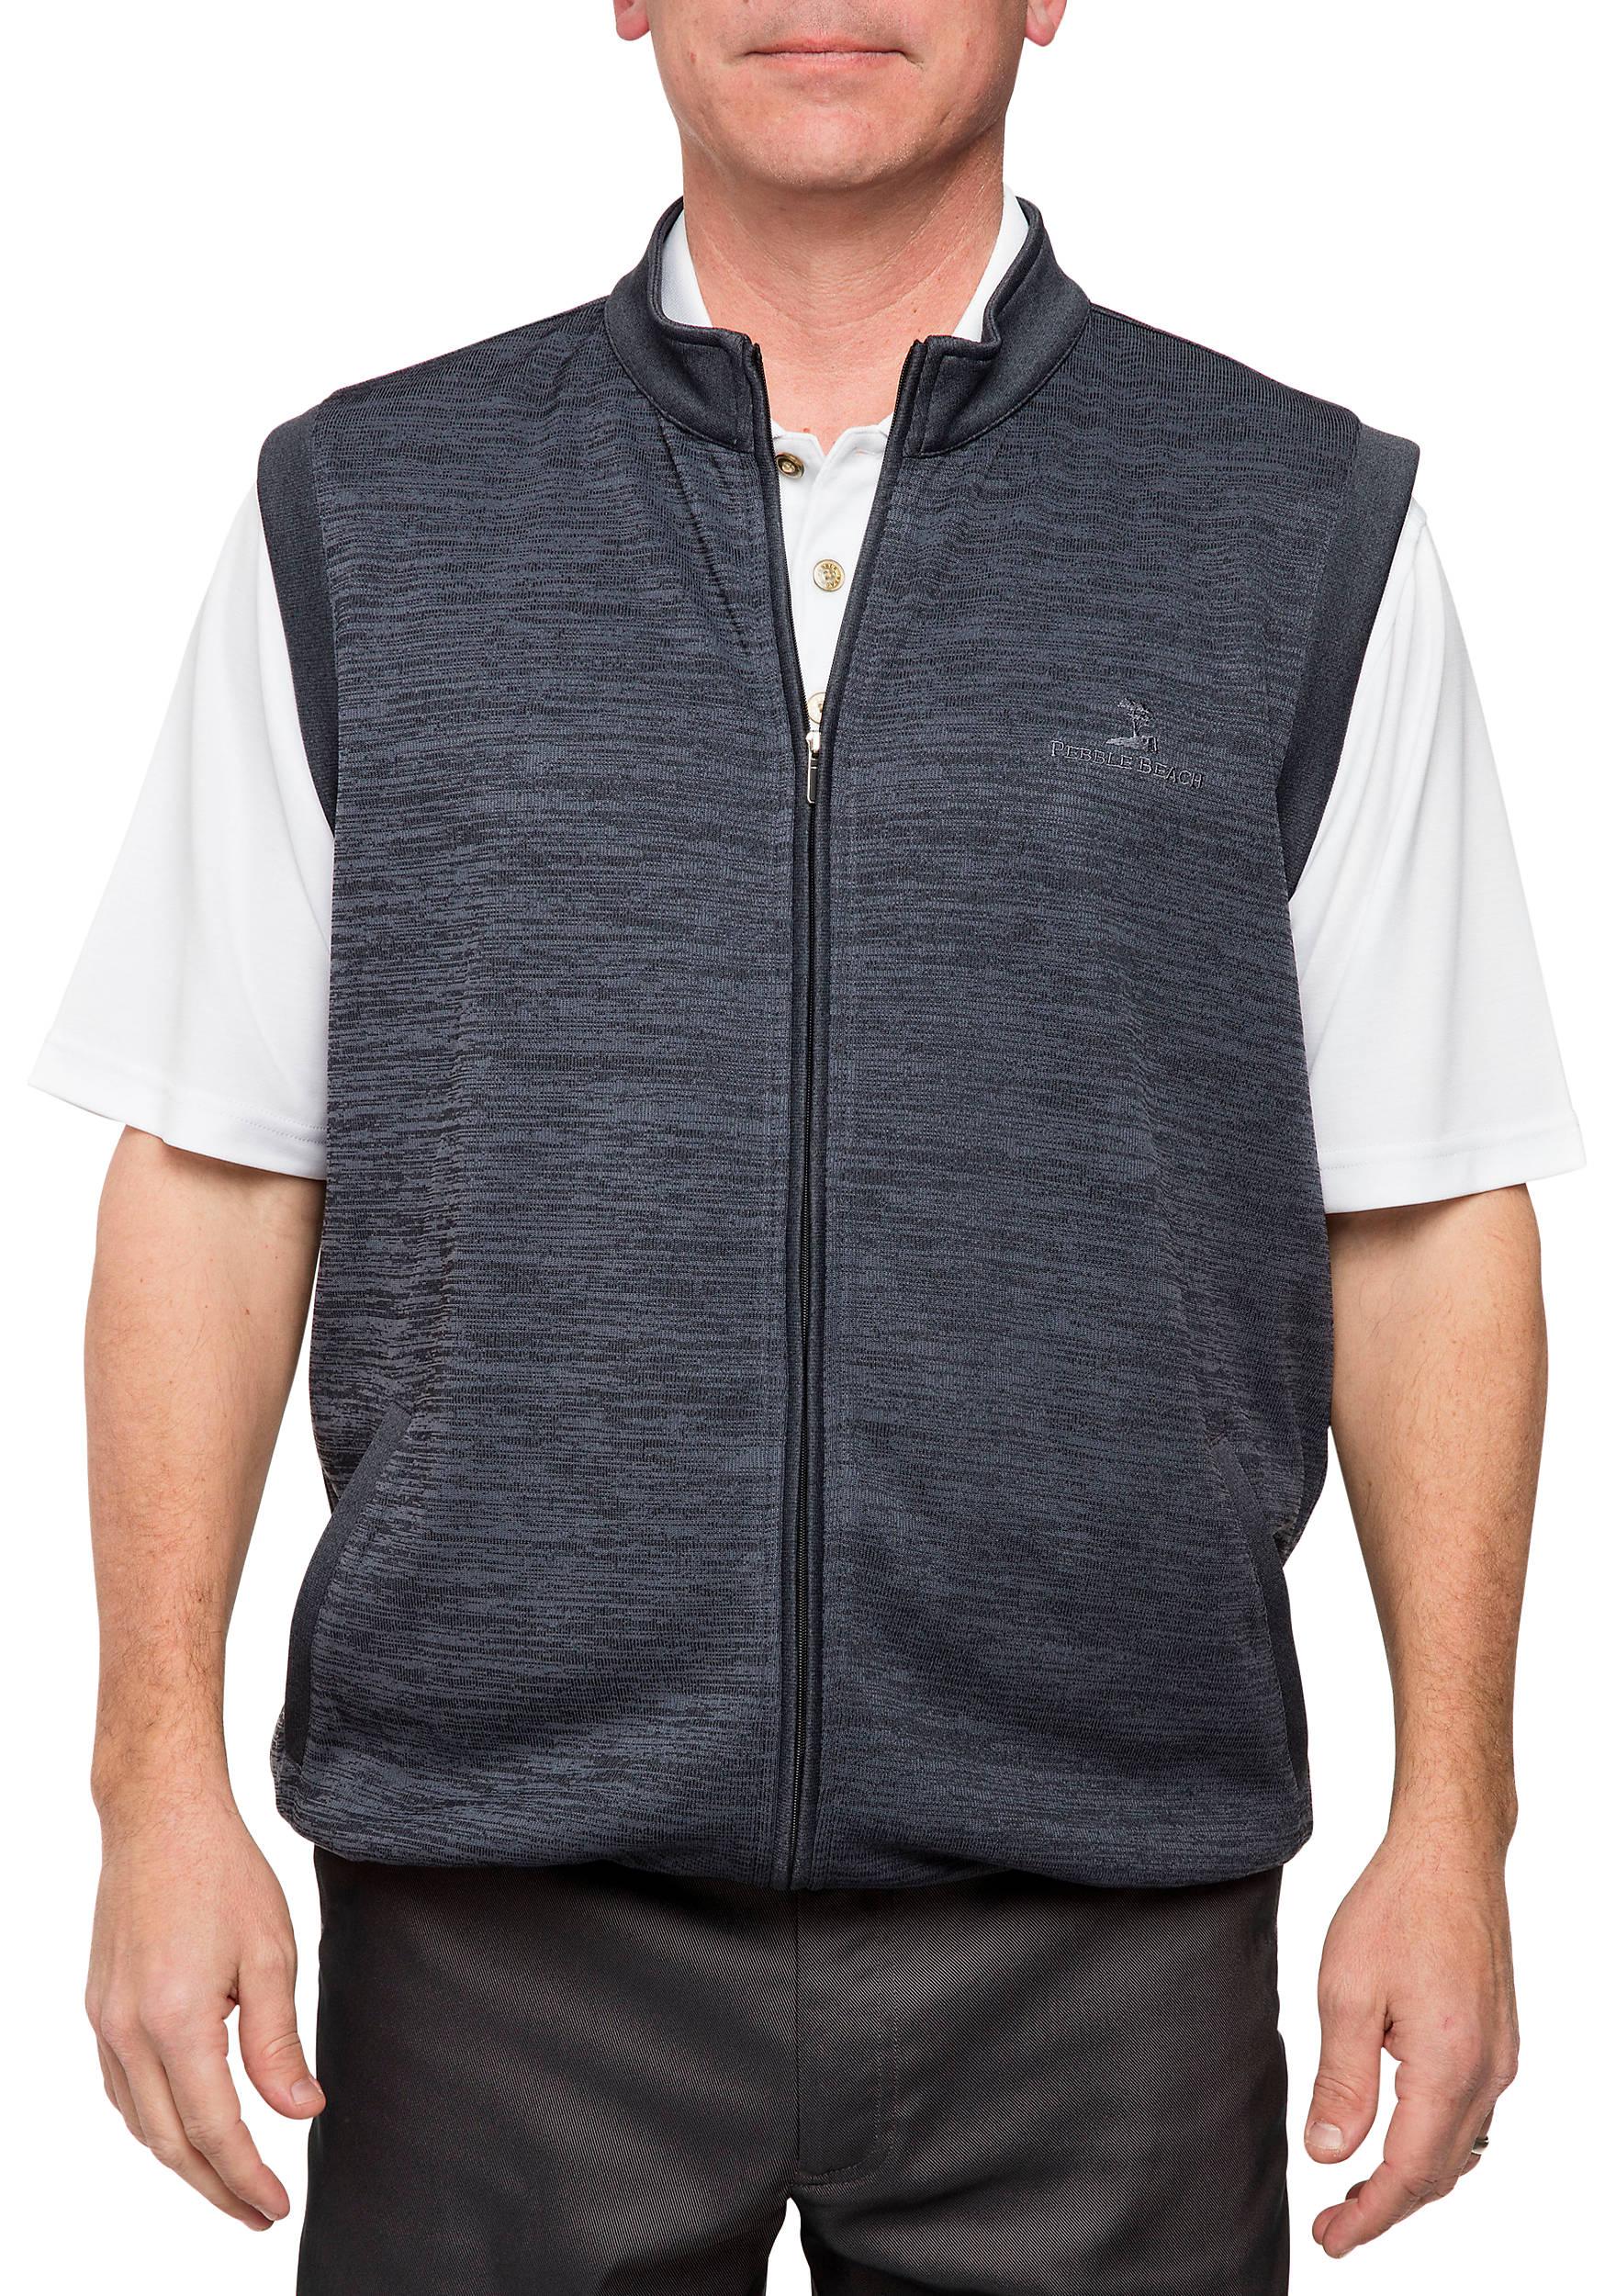 PEBBLE BEACH™ Sweater Vest | belk